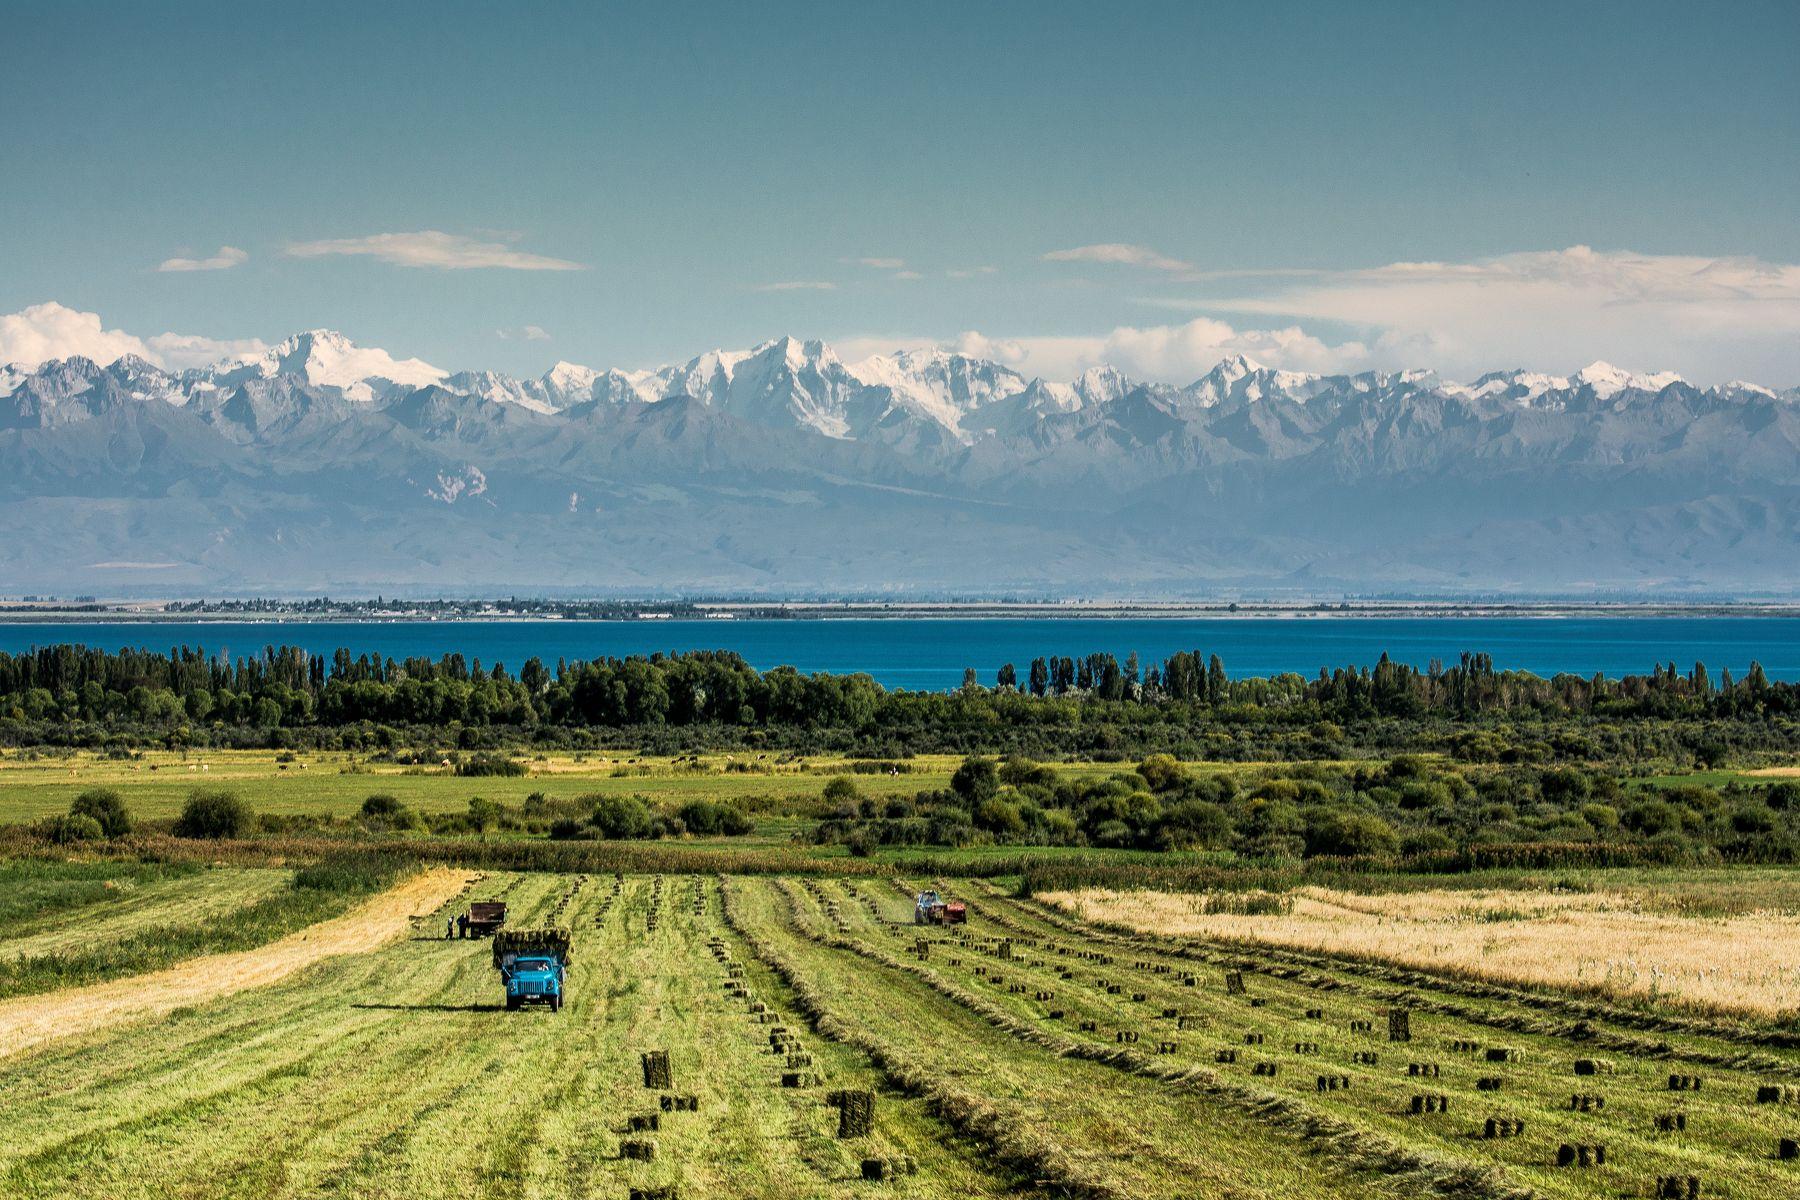 озеро, горы, пейзаж, поля, природа, горы, облака, Василий